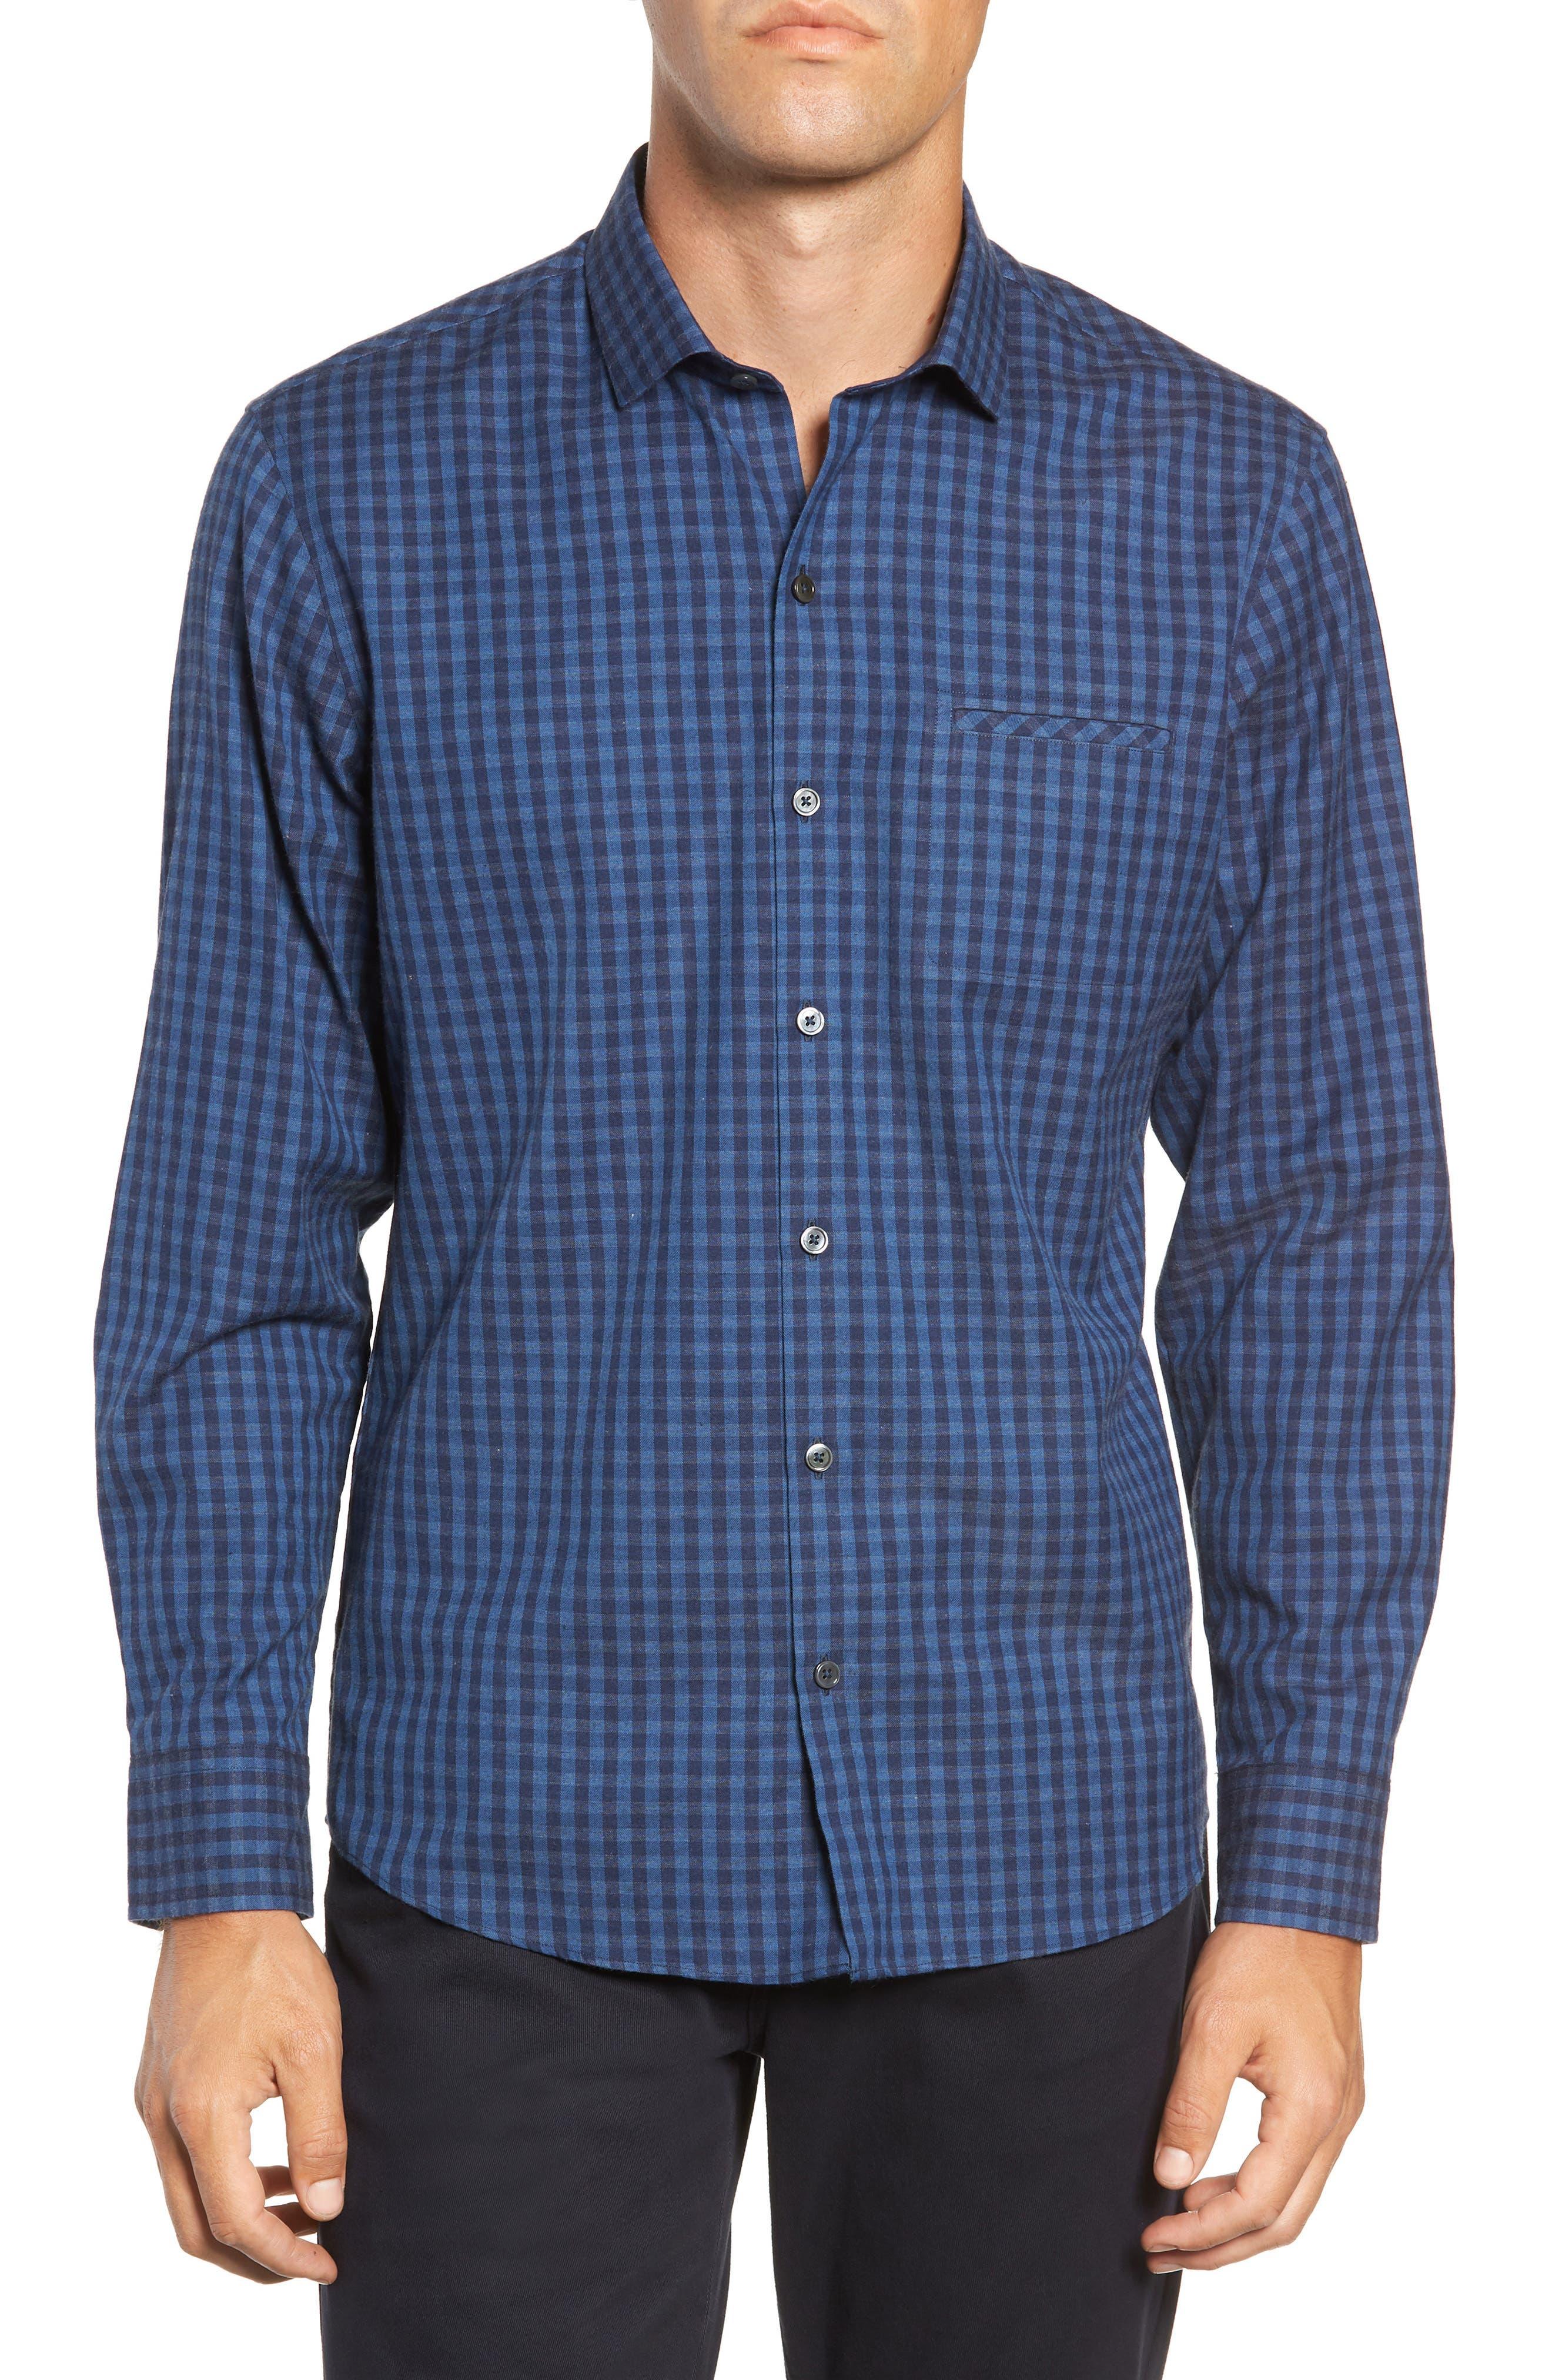 Santana Check Sport Shirt,                         Main,                         color, DARK BLUE